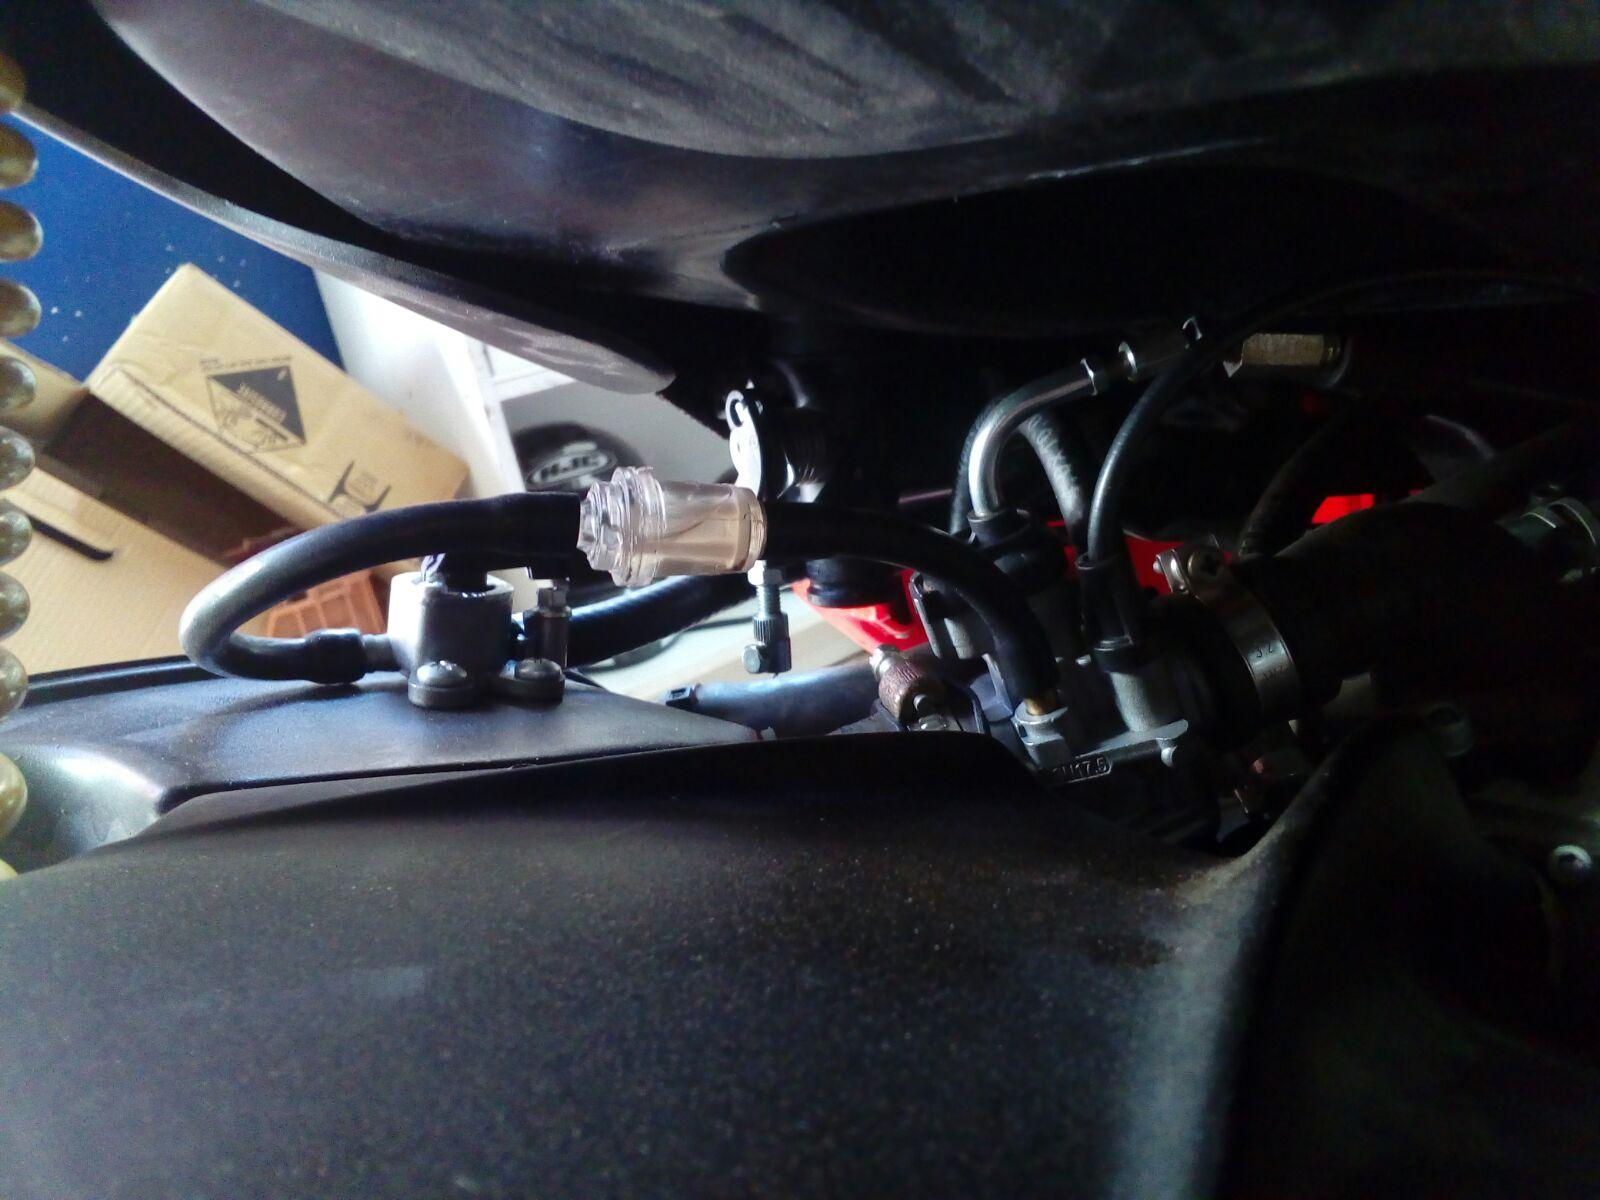 Ciclomotores inyeccion 2T IMG_20170601_WA0000